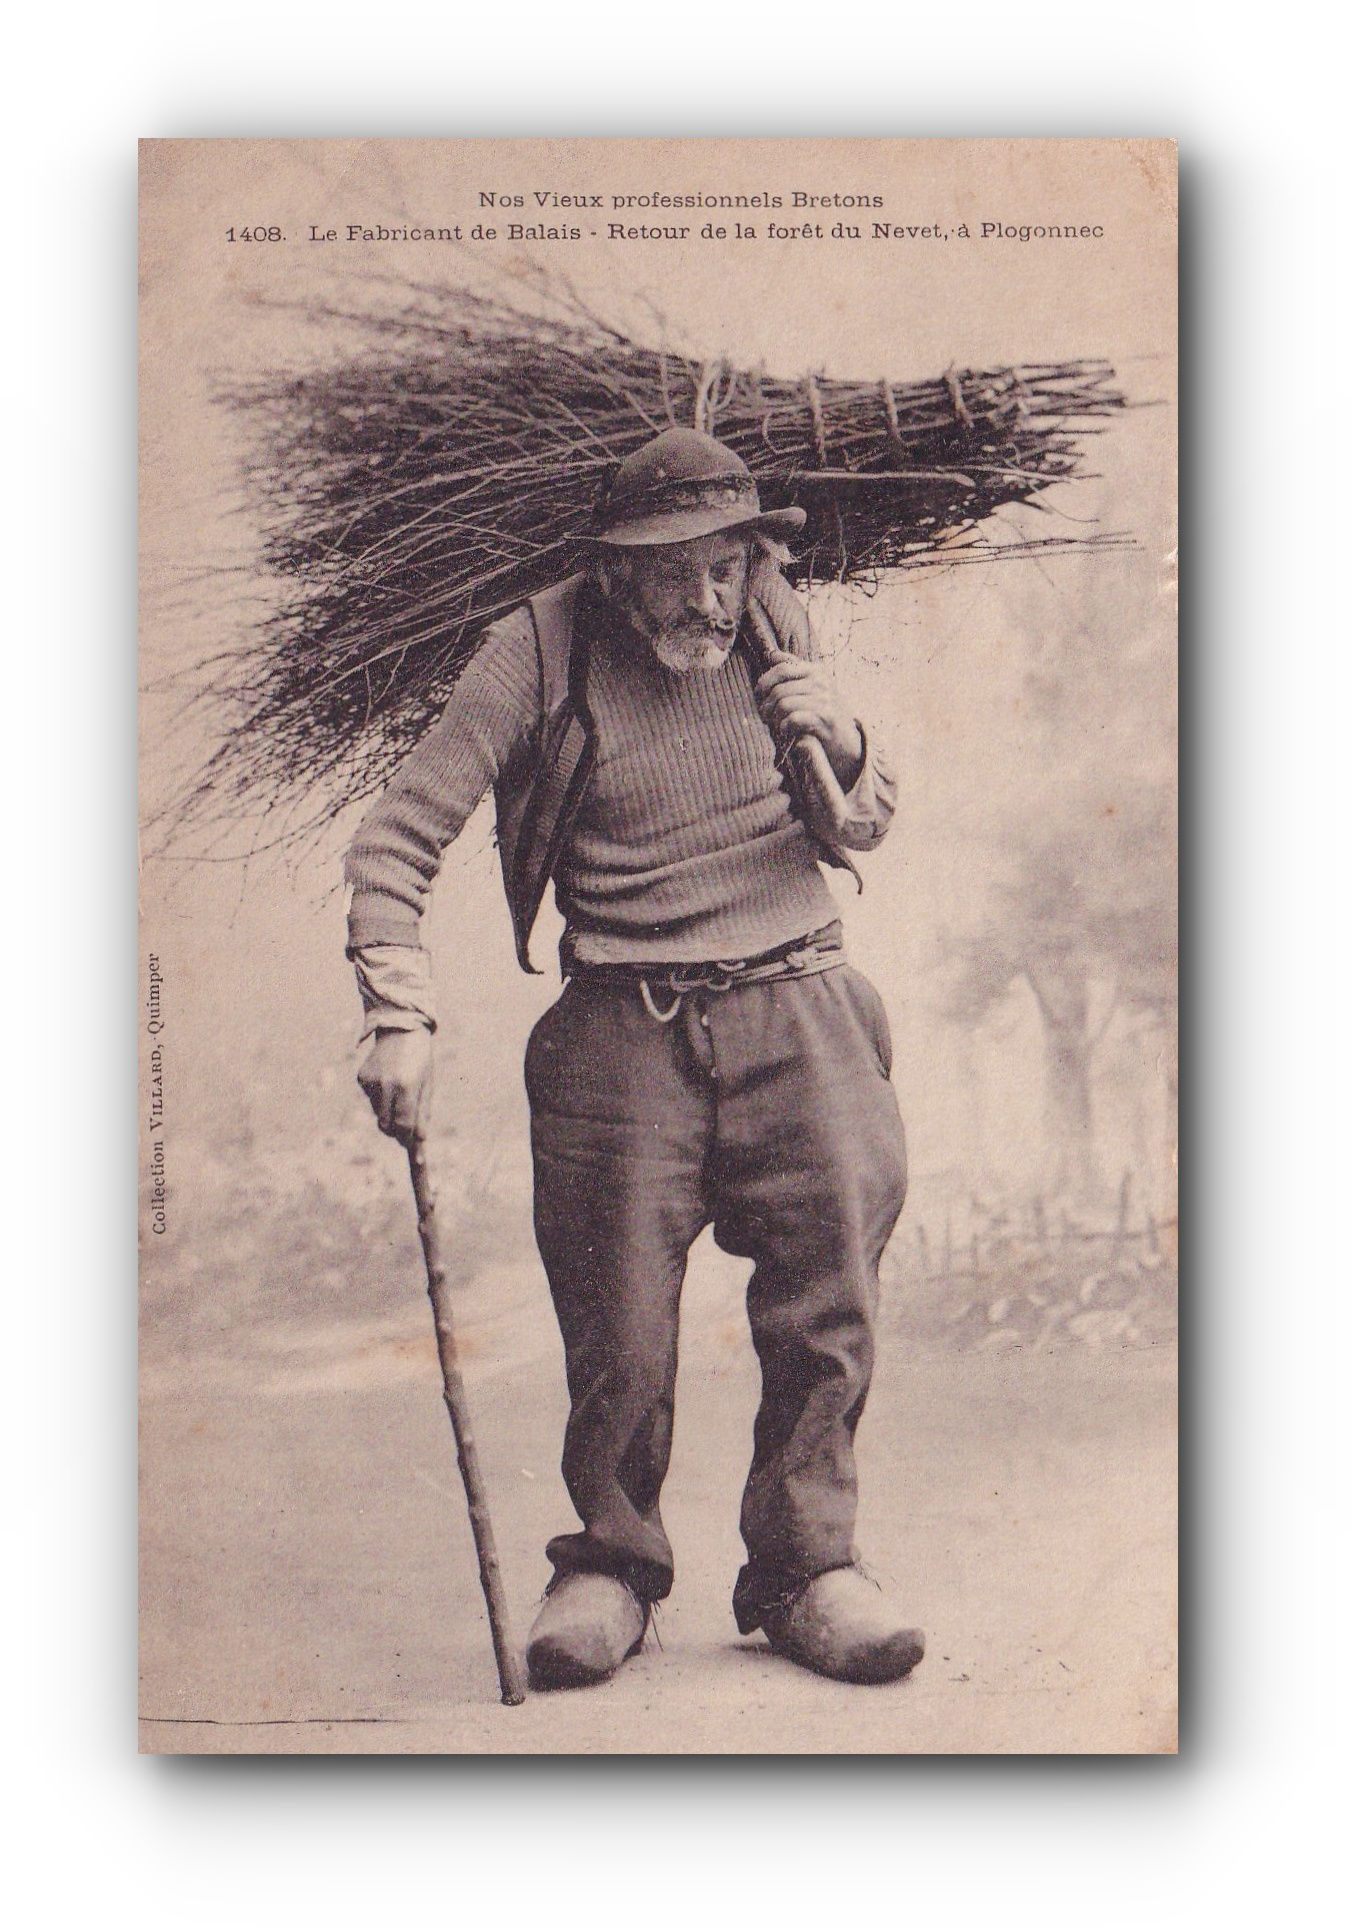 Le fabicant de balais - 1904 - Der Besenhersteller - The broom maker